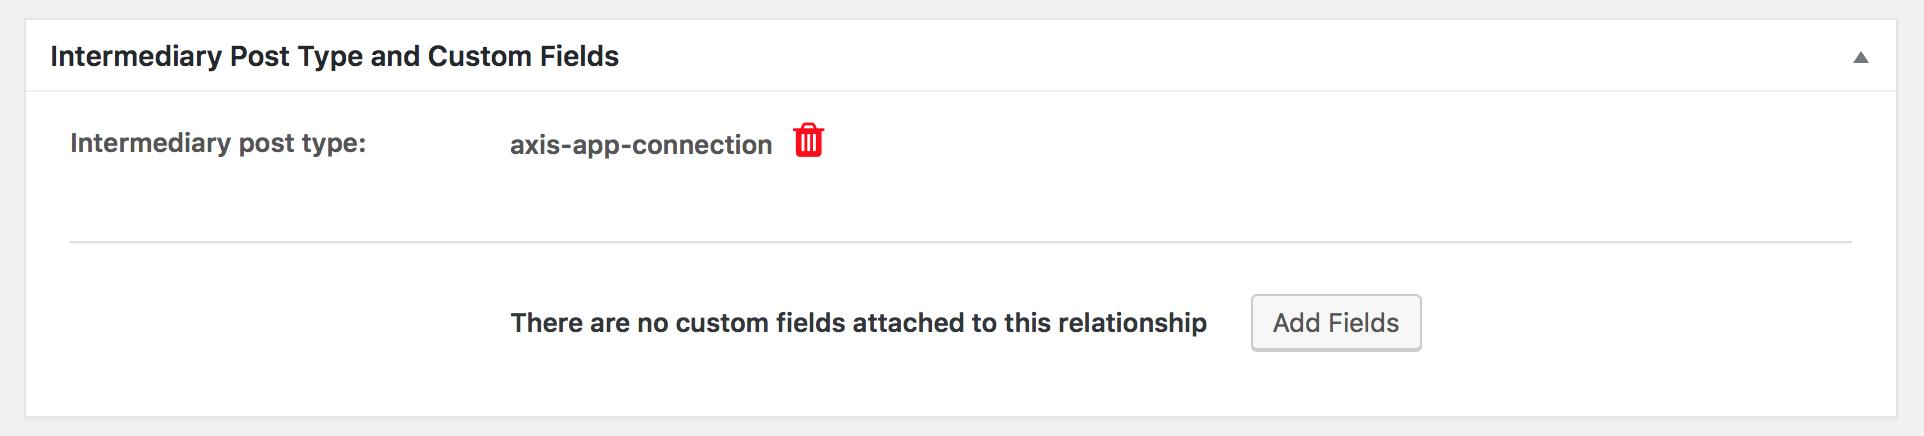 Relationships01-NoCustomFields.png